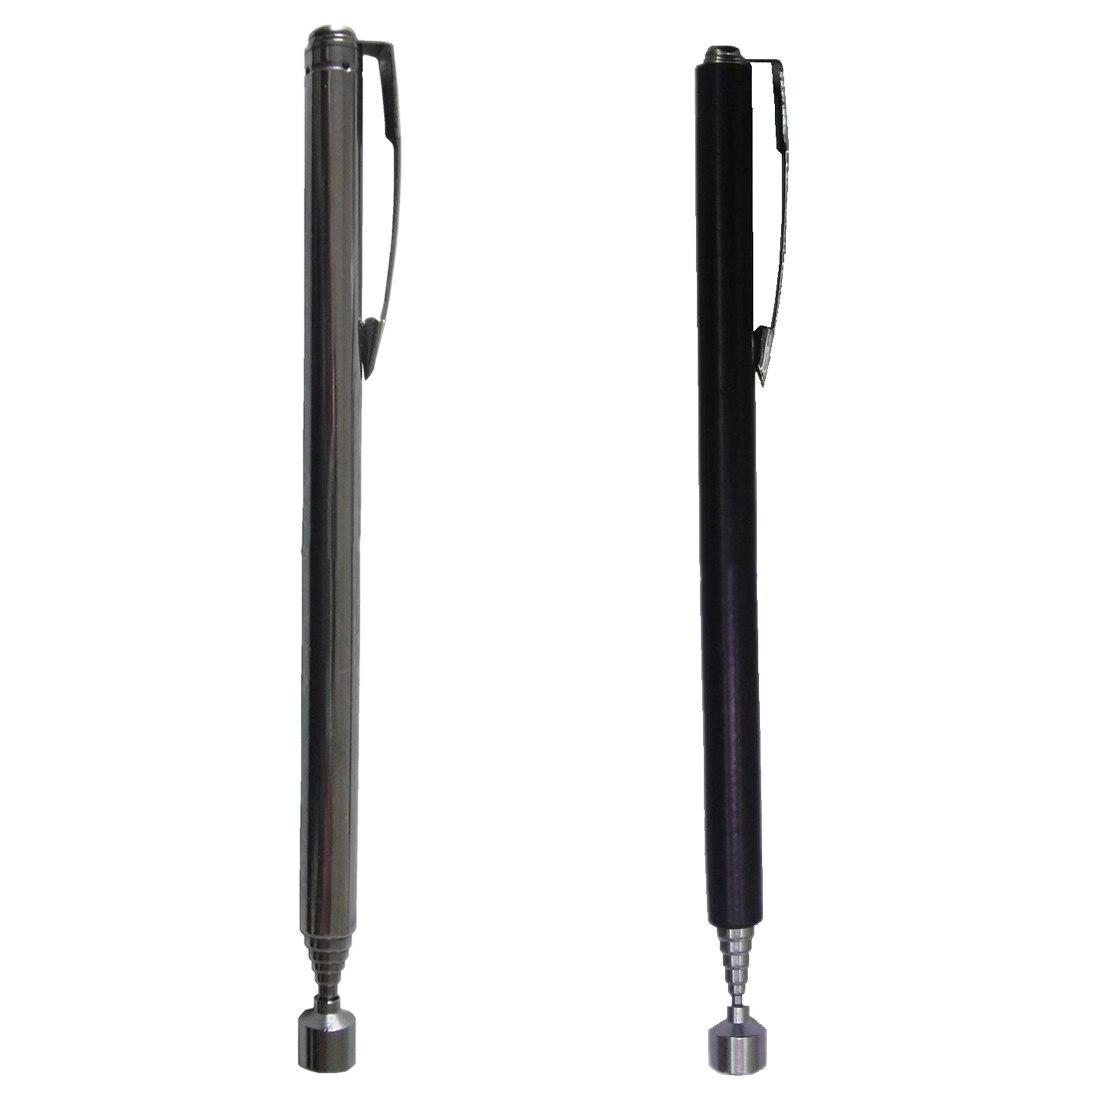 1 Pcs Mini Draagbare Telescopische Magnetische Magneet Pen Handige Tool Capaciteit Voor Picking Up Moer Bout Uitschuifbare Pickup Staaf Stok Koel In De Zomer En Warm In De Winter